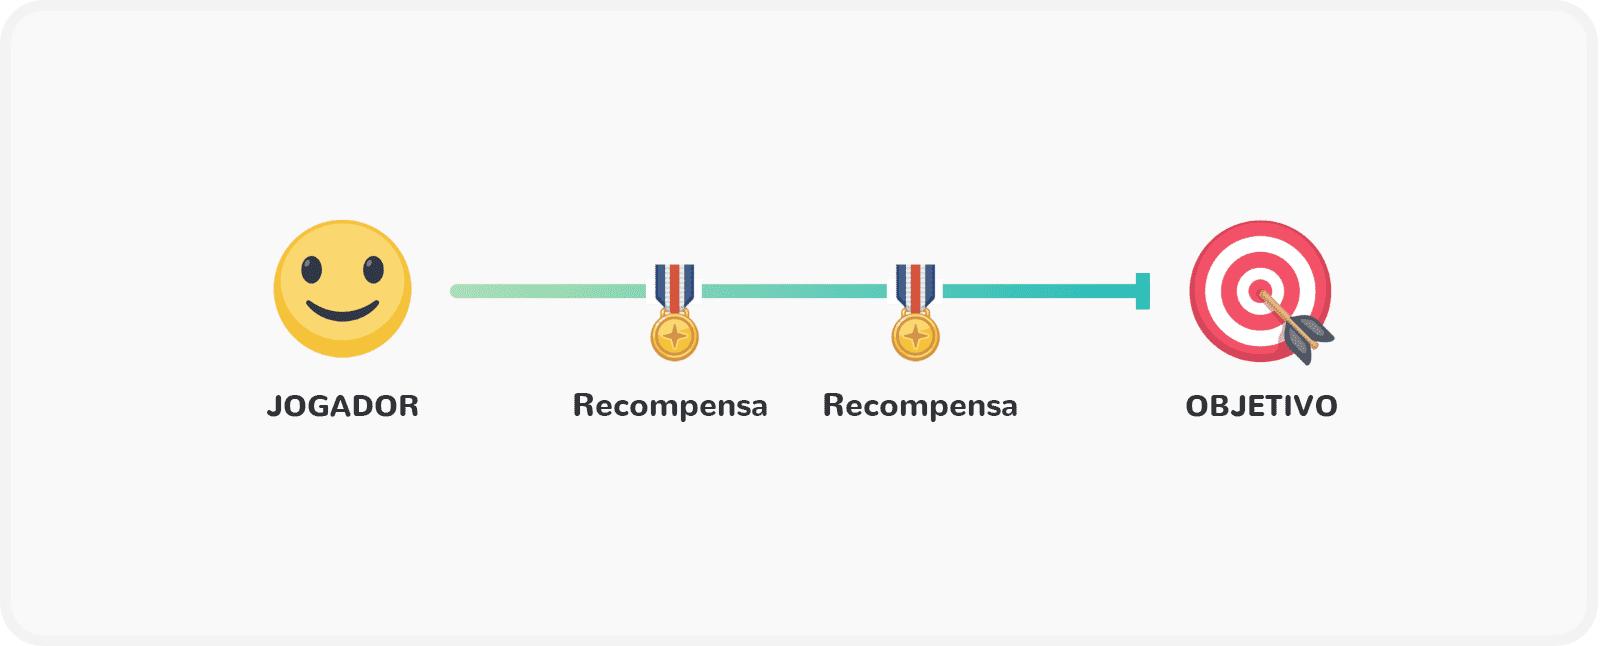 Introdução à gamificação: componente gamificação: recompensas